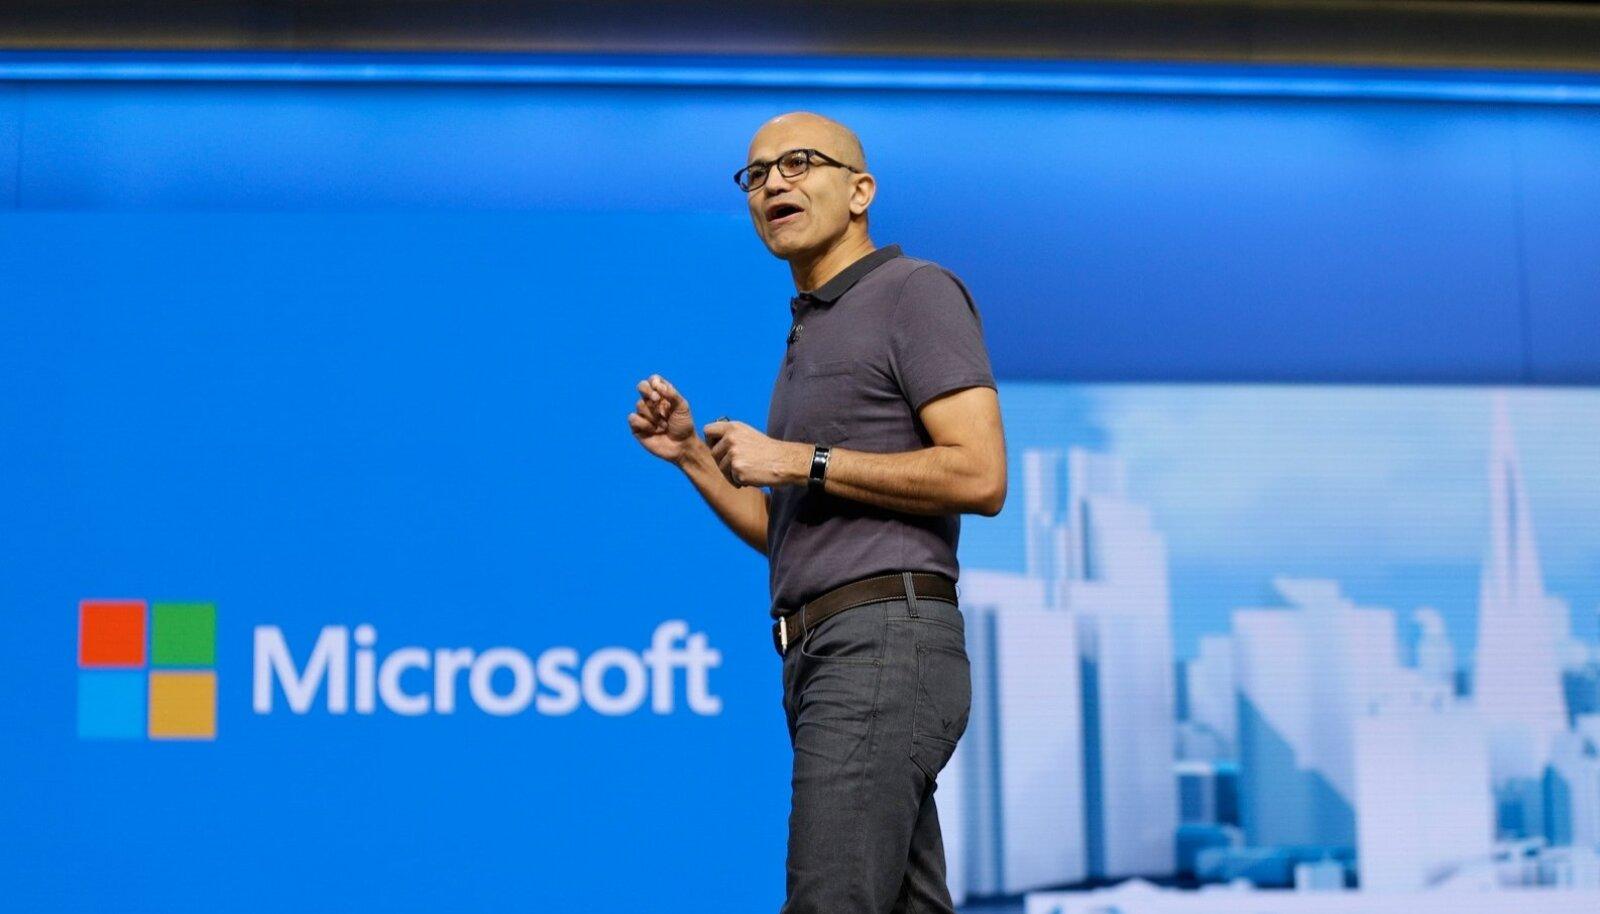 Microsofti tegevjuhi Satya Nadella sõnul aitab LinkedIni ost Microsoftil mängida oma tugevustele analüüsis, andmetõlgenduses ja tehisteadvuse arendamises.